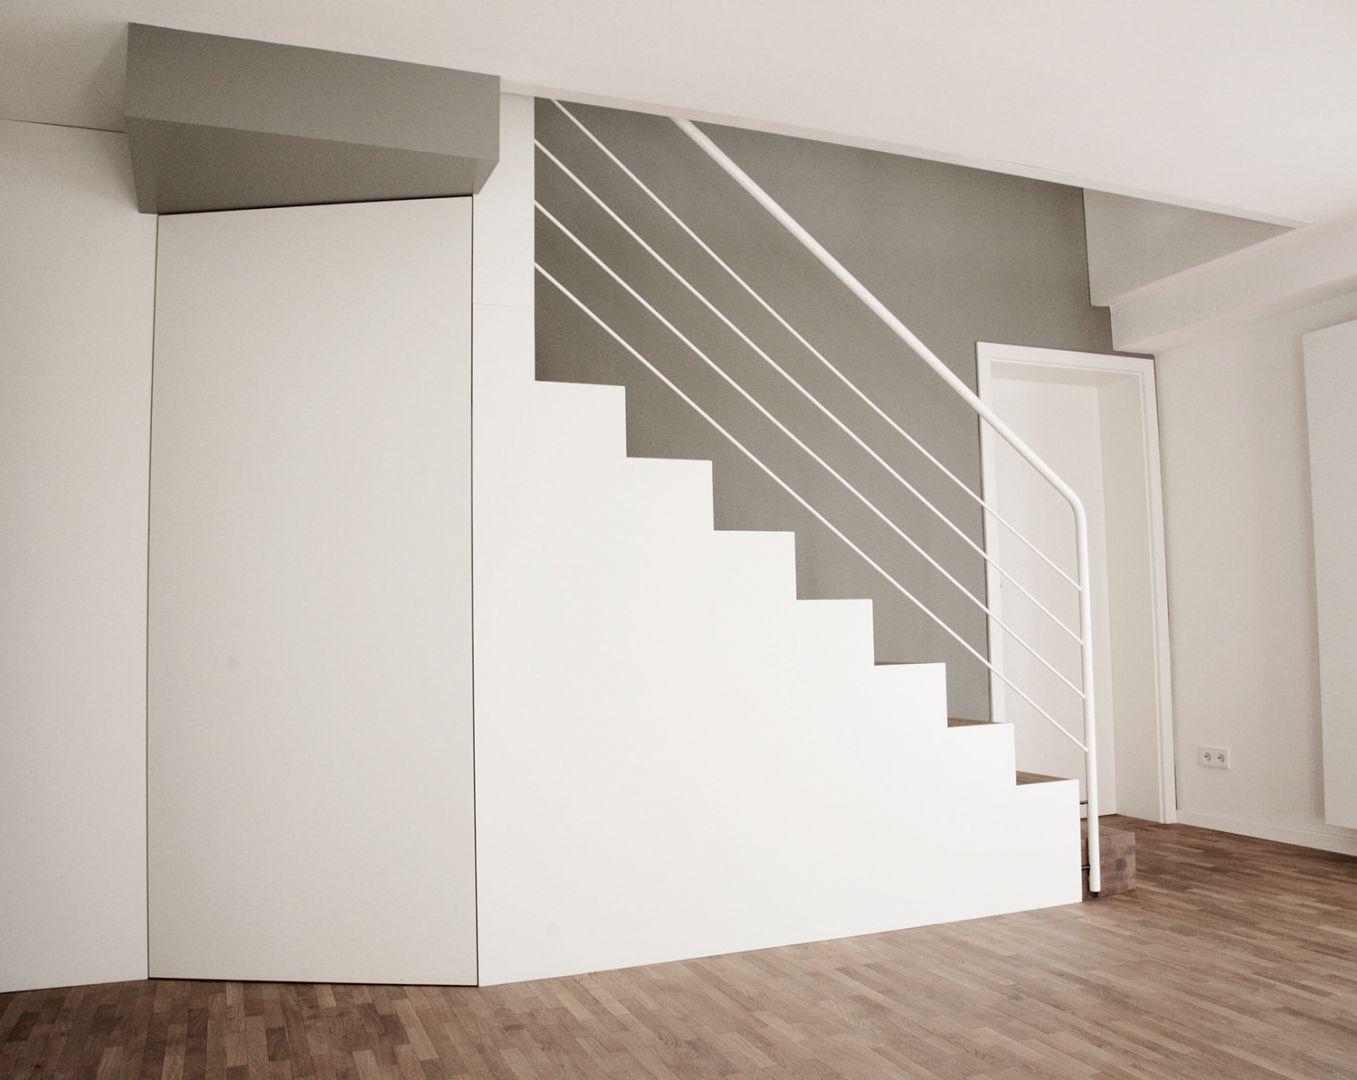 Treppen architektur einfamilienhaus  FD26 Einfamilienhaus - MAX Architekten